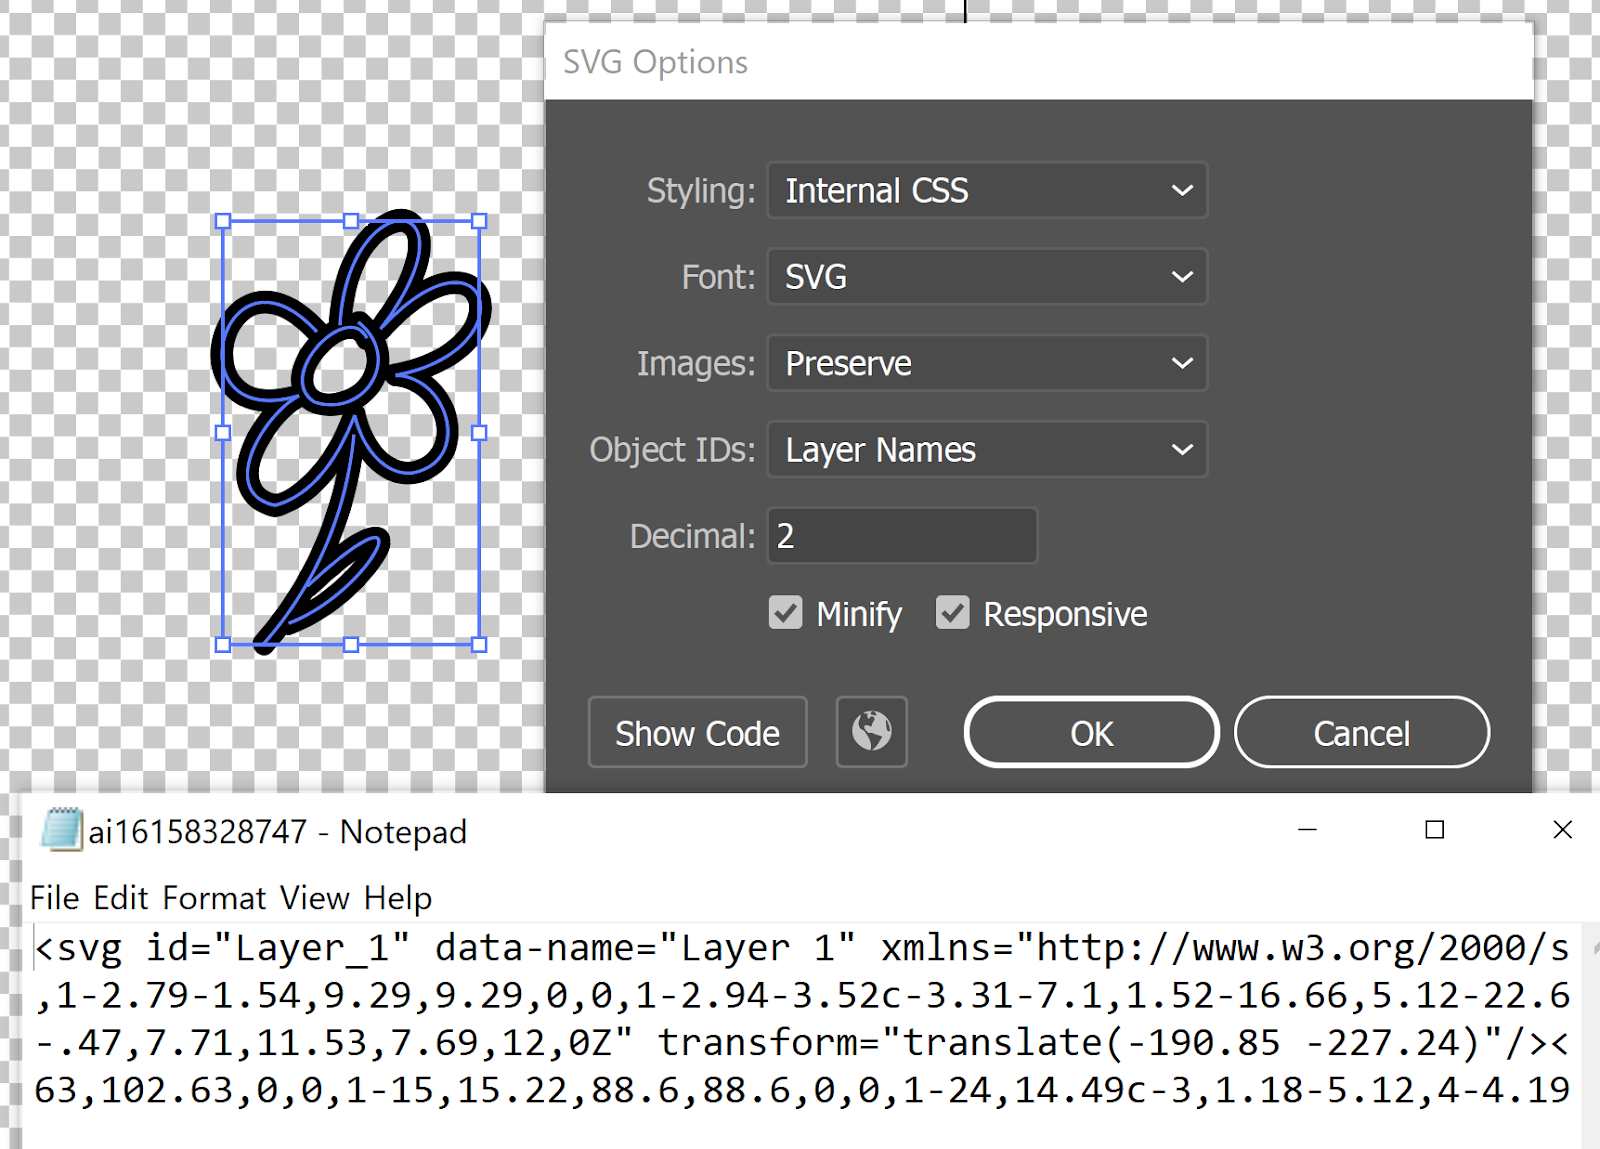 black flower design outlined with SVG XML code